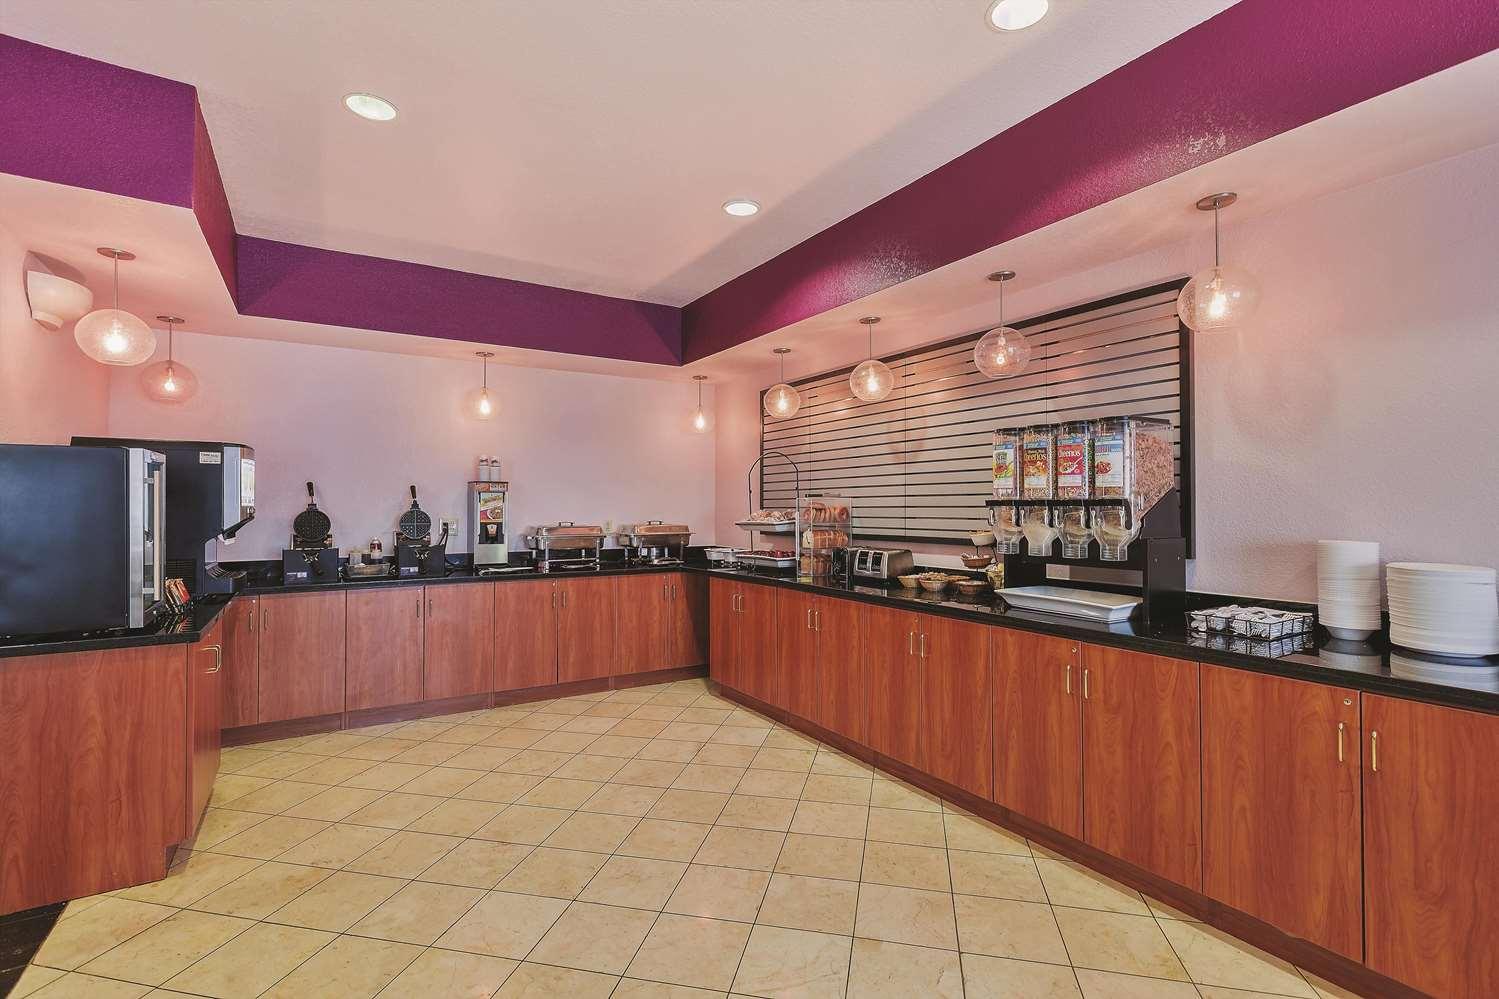 proam - La Quinta Inn & Suites Tulare